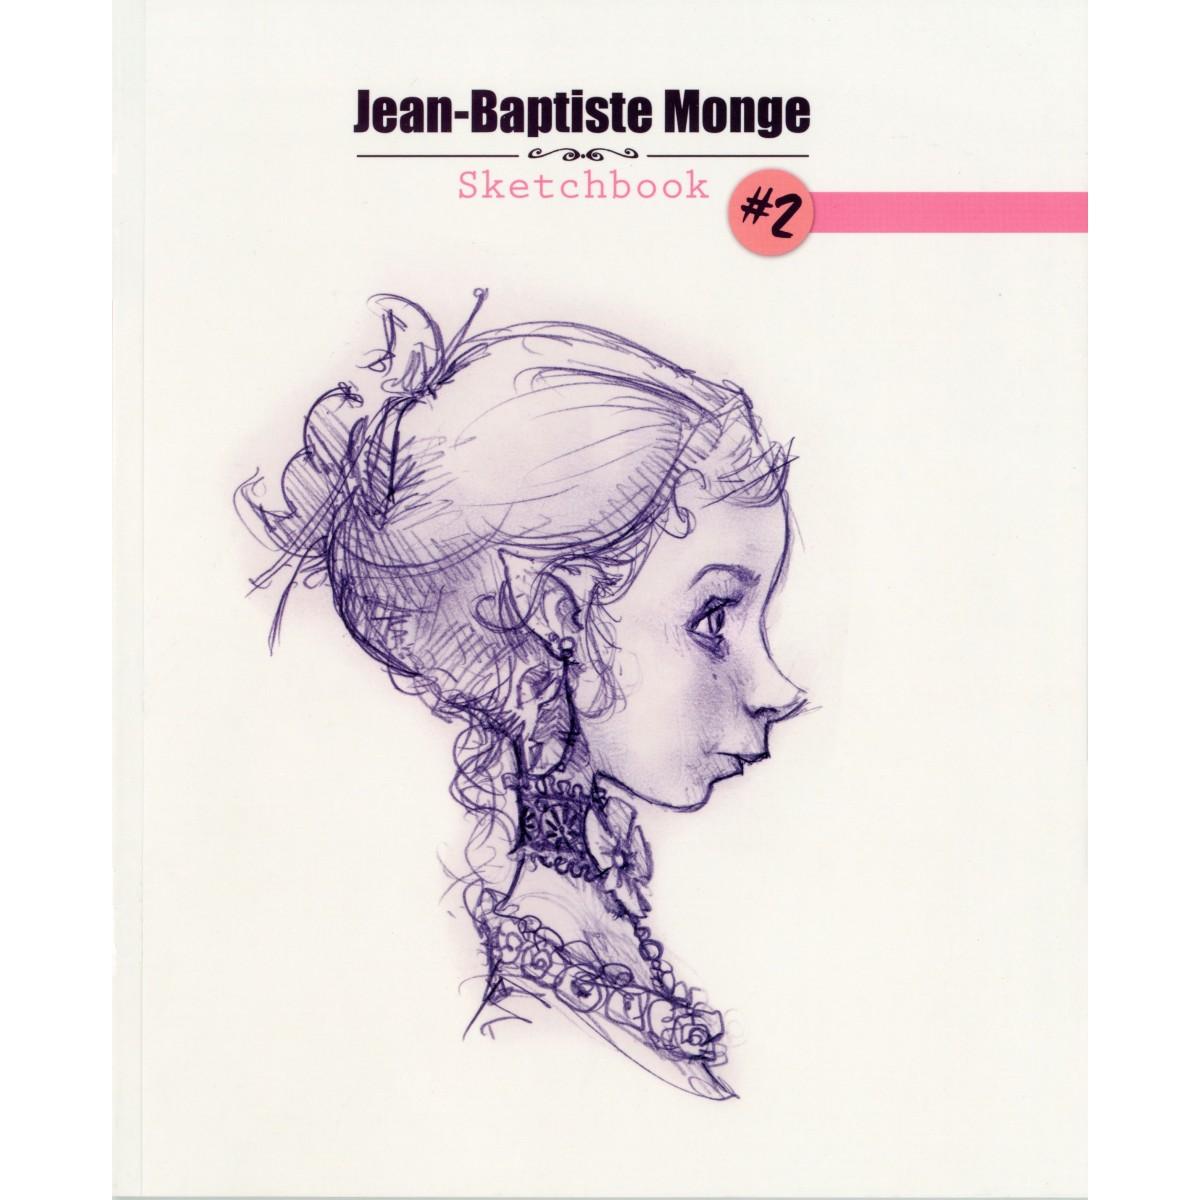 Jean-Baptiste Monge - Sketchbook 2